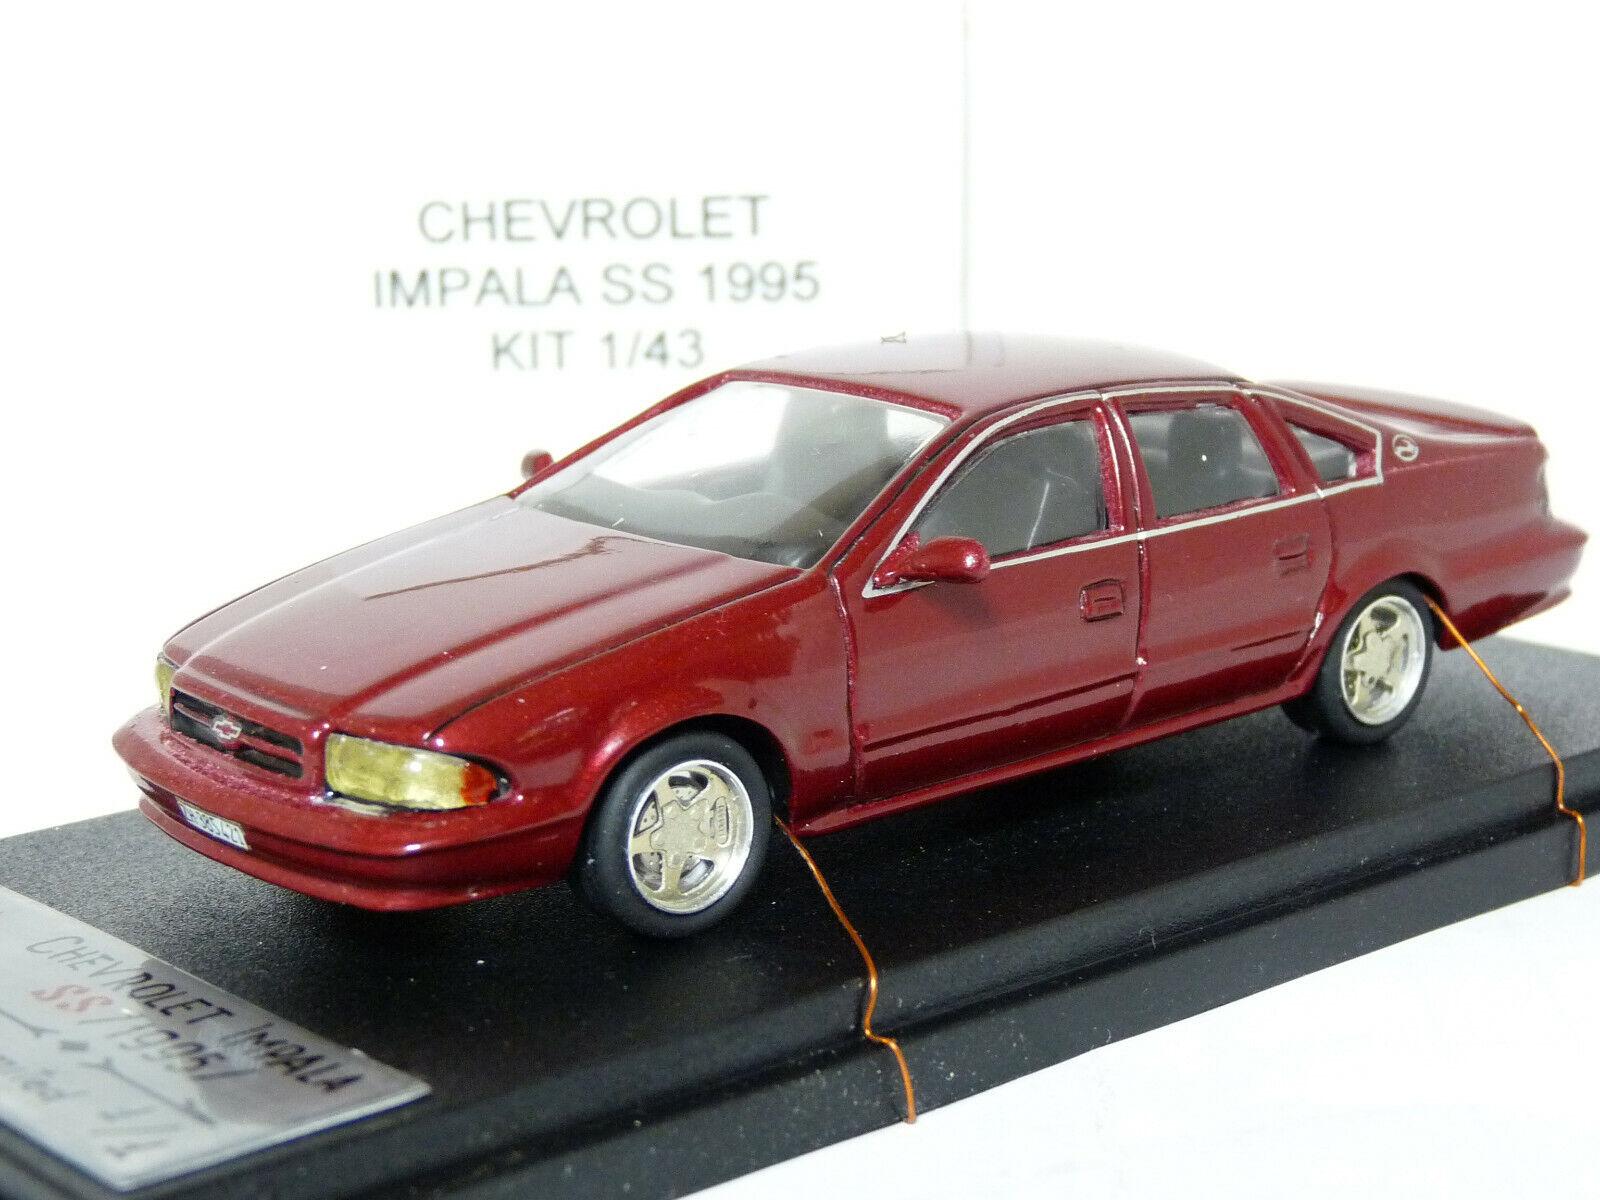 MeMod 1 43 1995 Chevrolet Impala SS Handmade Resin Model Car Kit